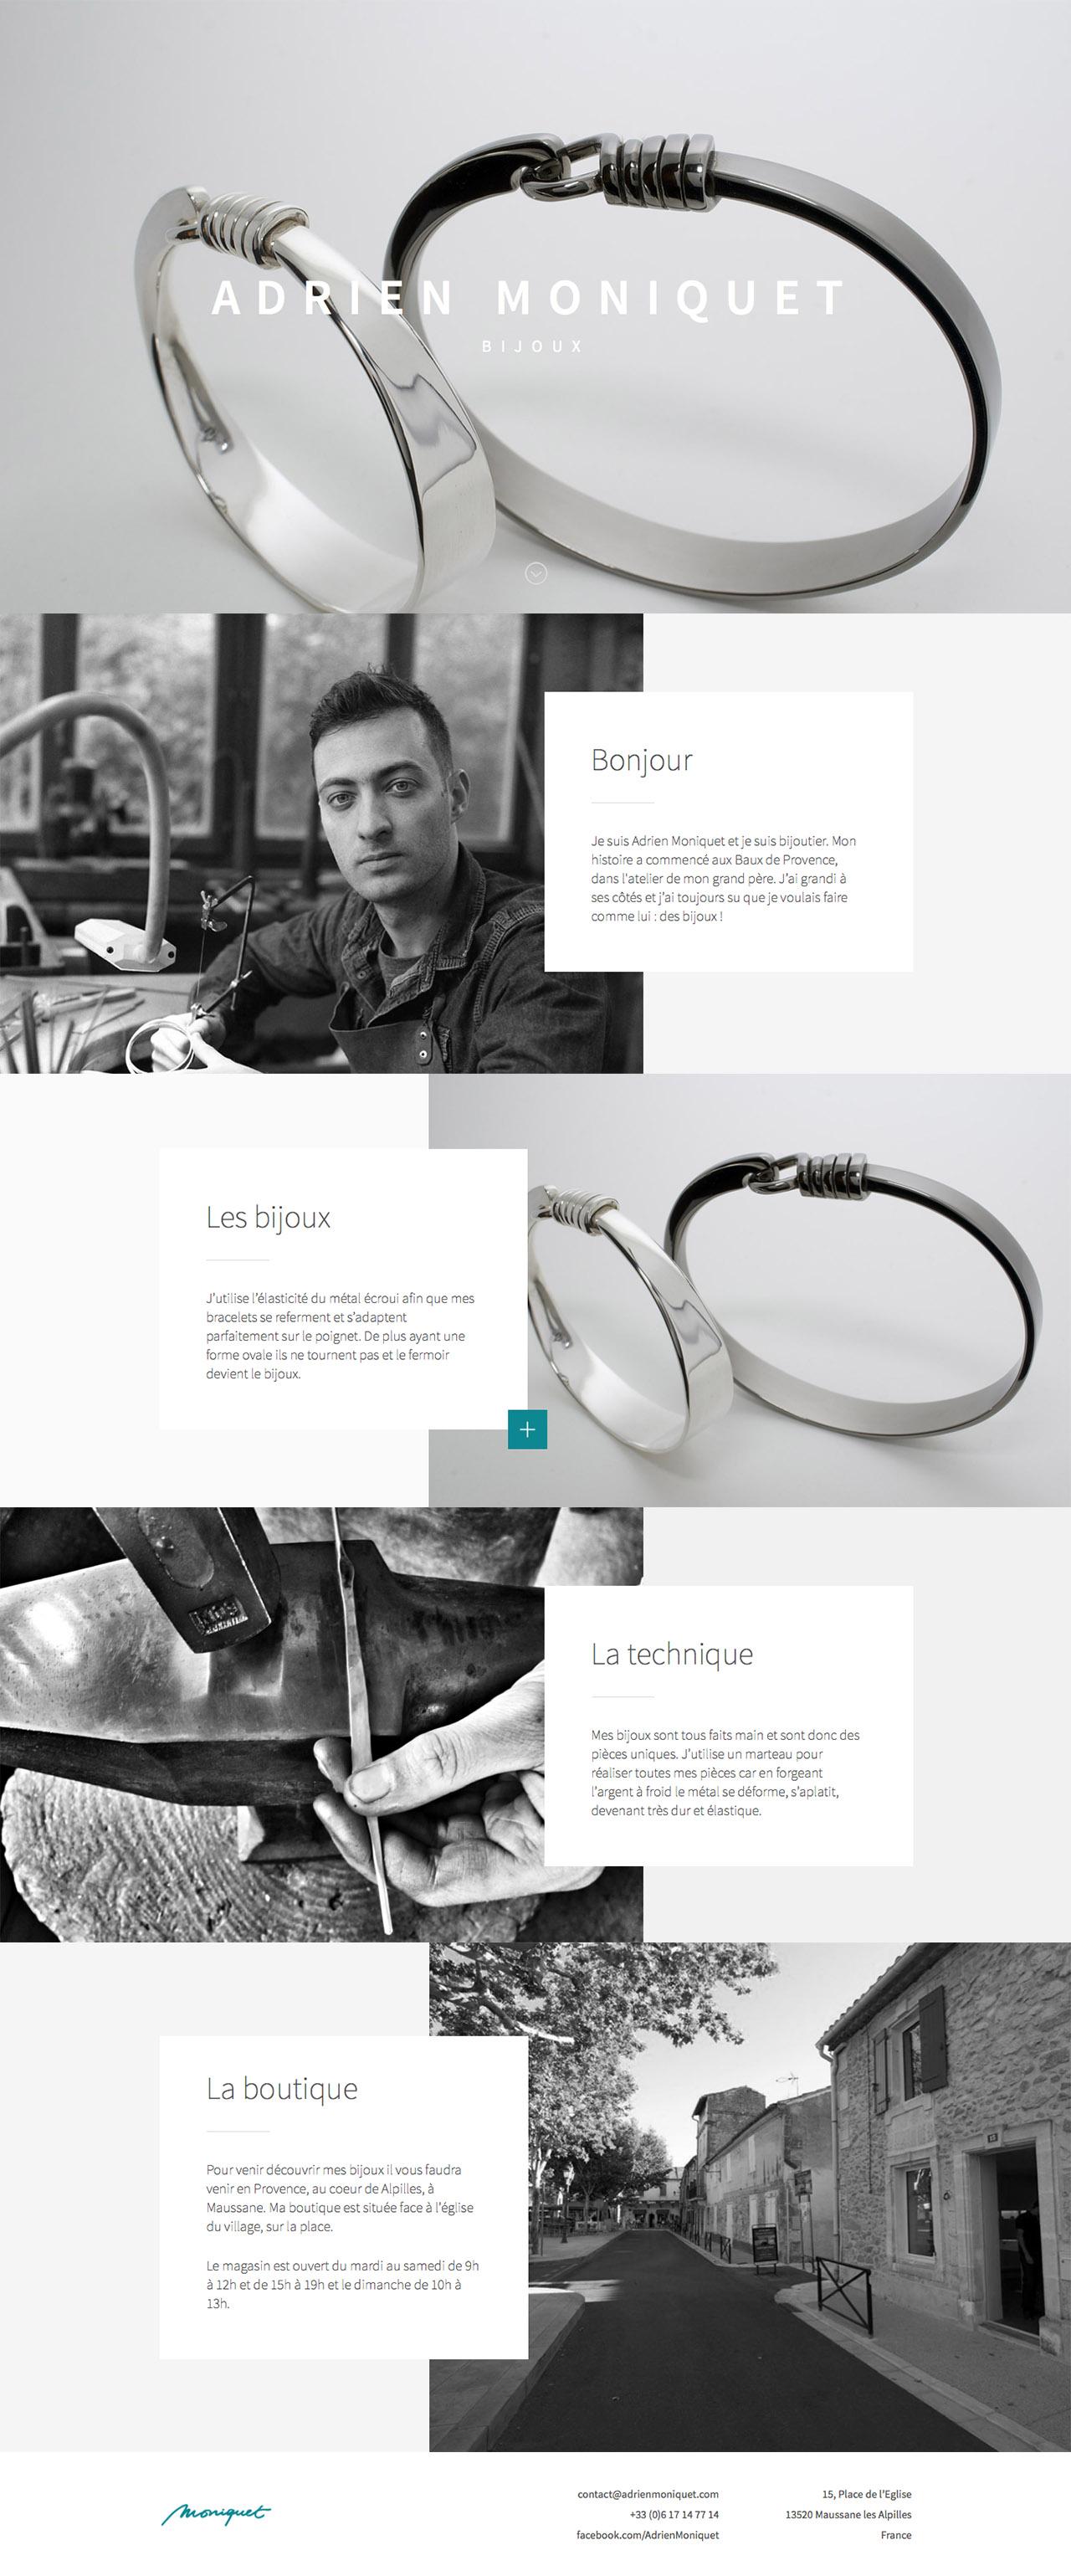 Adrien Moniquet : Bijoutier Website Screenshot